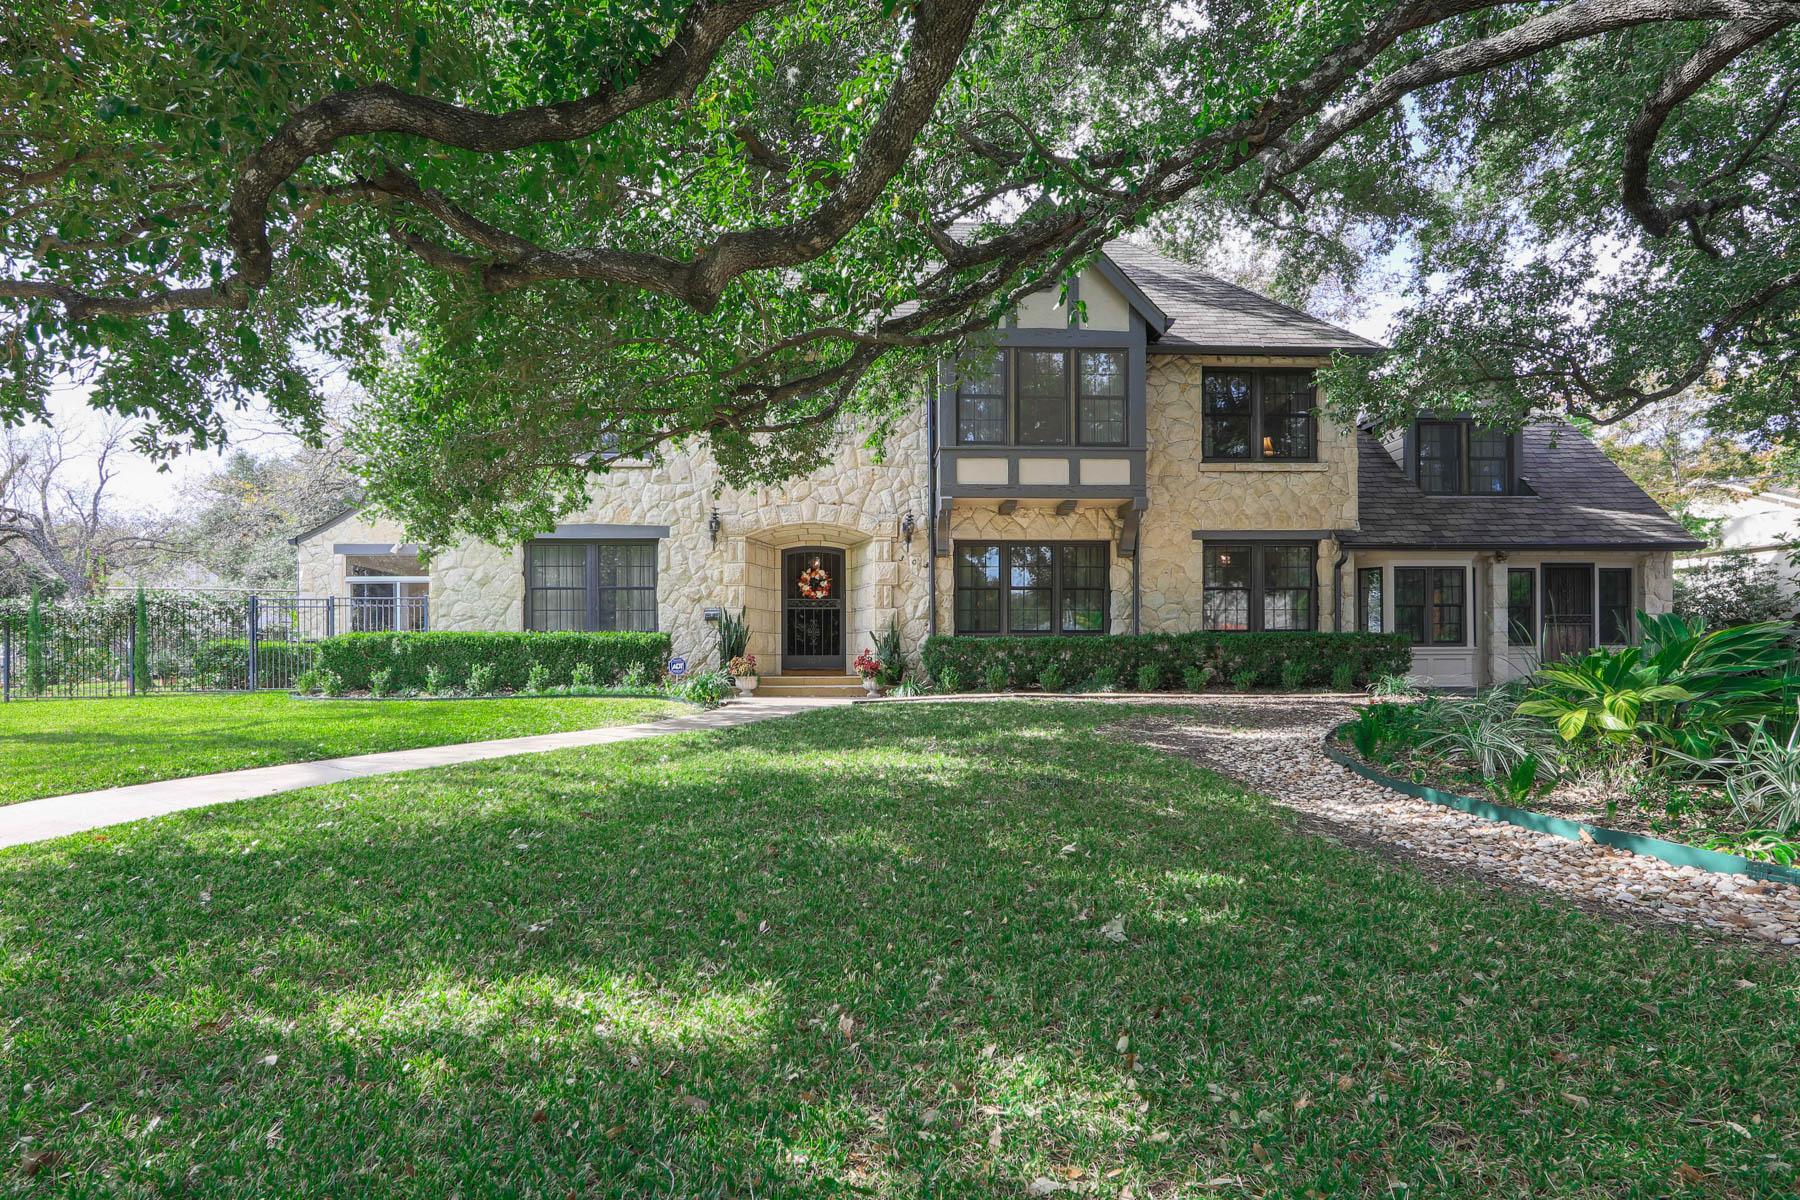 Maison unifamiliale pour l Vente à Stunning Olmos Park Tudor 303 W El Prado Dr Olmos Park, San Antonio, Texas, 78212 États-Unis